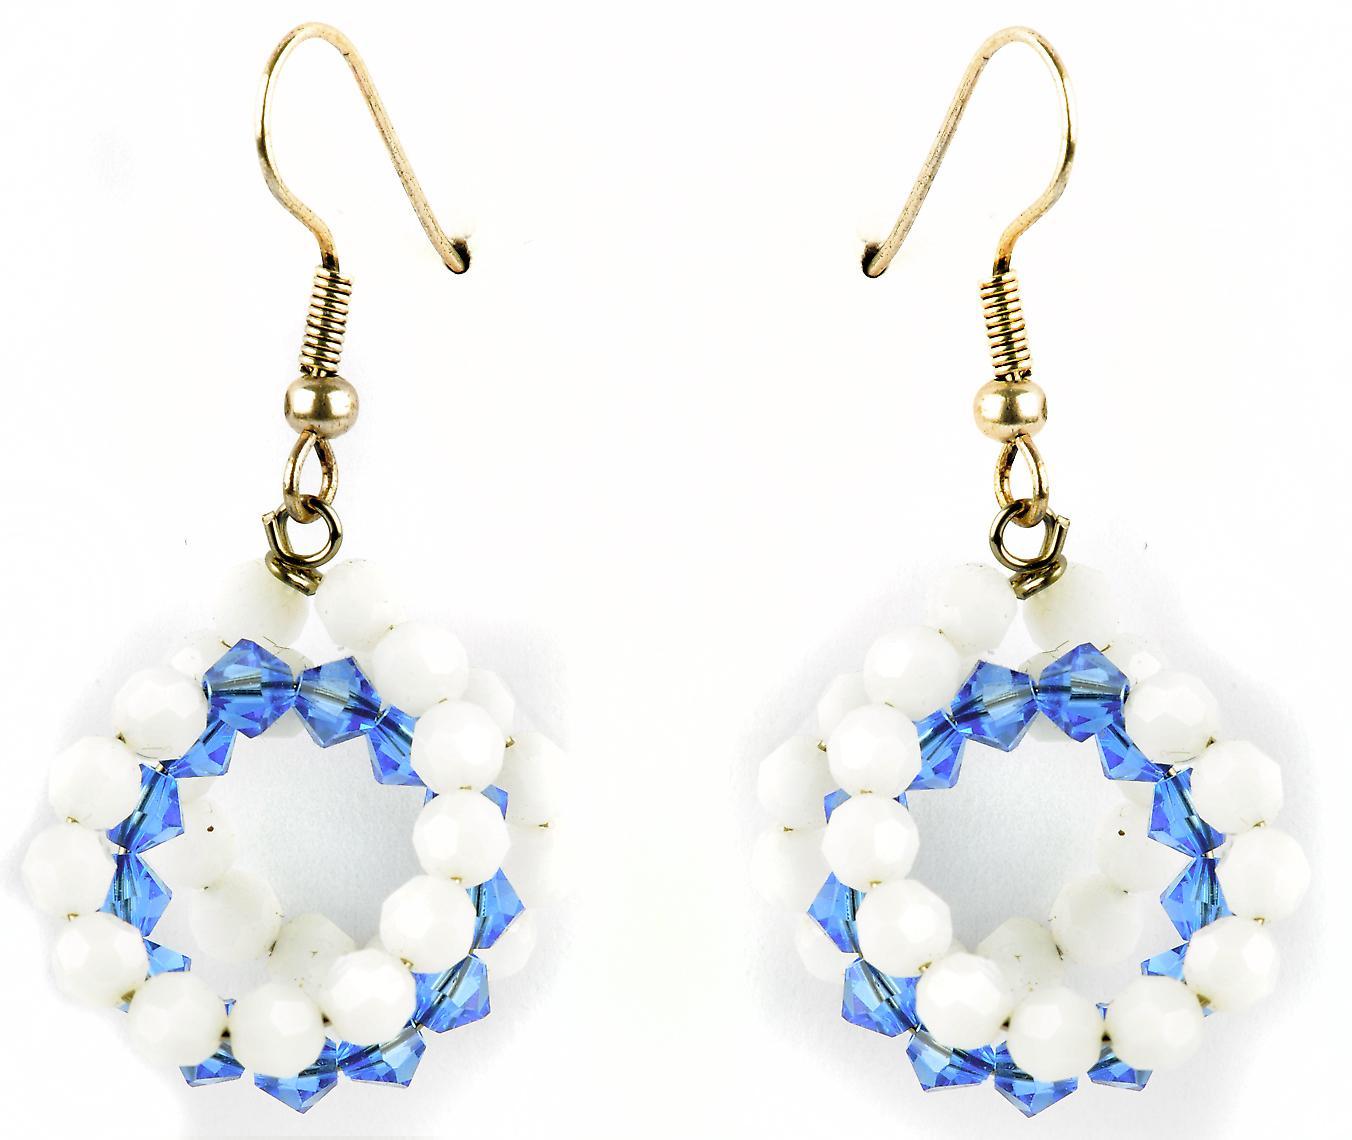 Waooh - gioielli - WJ0750 - Orecchini con strass Swarovski bianco & blu trasparente